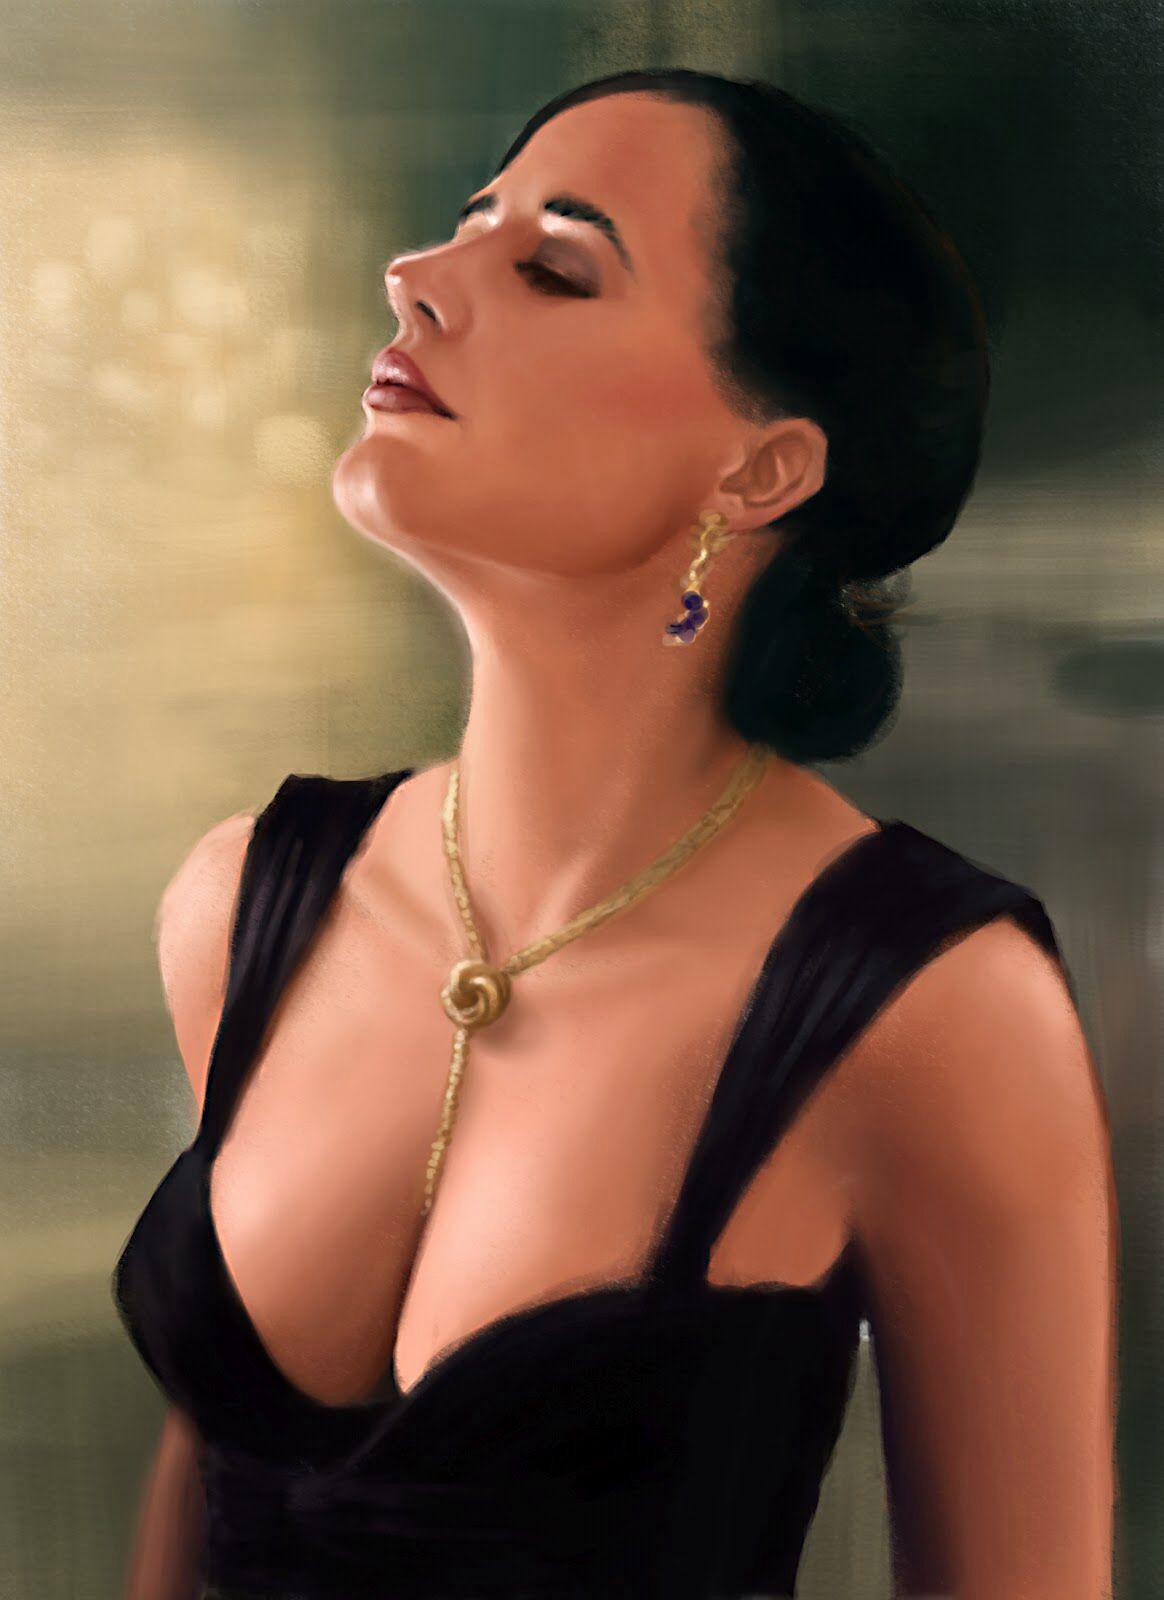 Vesper Lynd Loveknot Necklace Vesper Lynd Eva Green